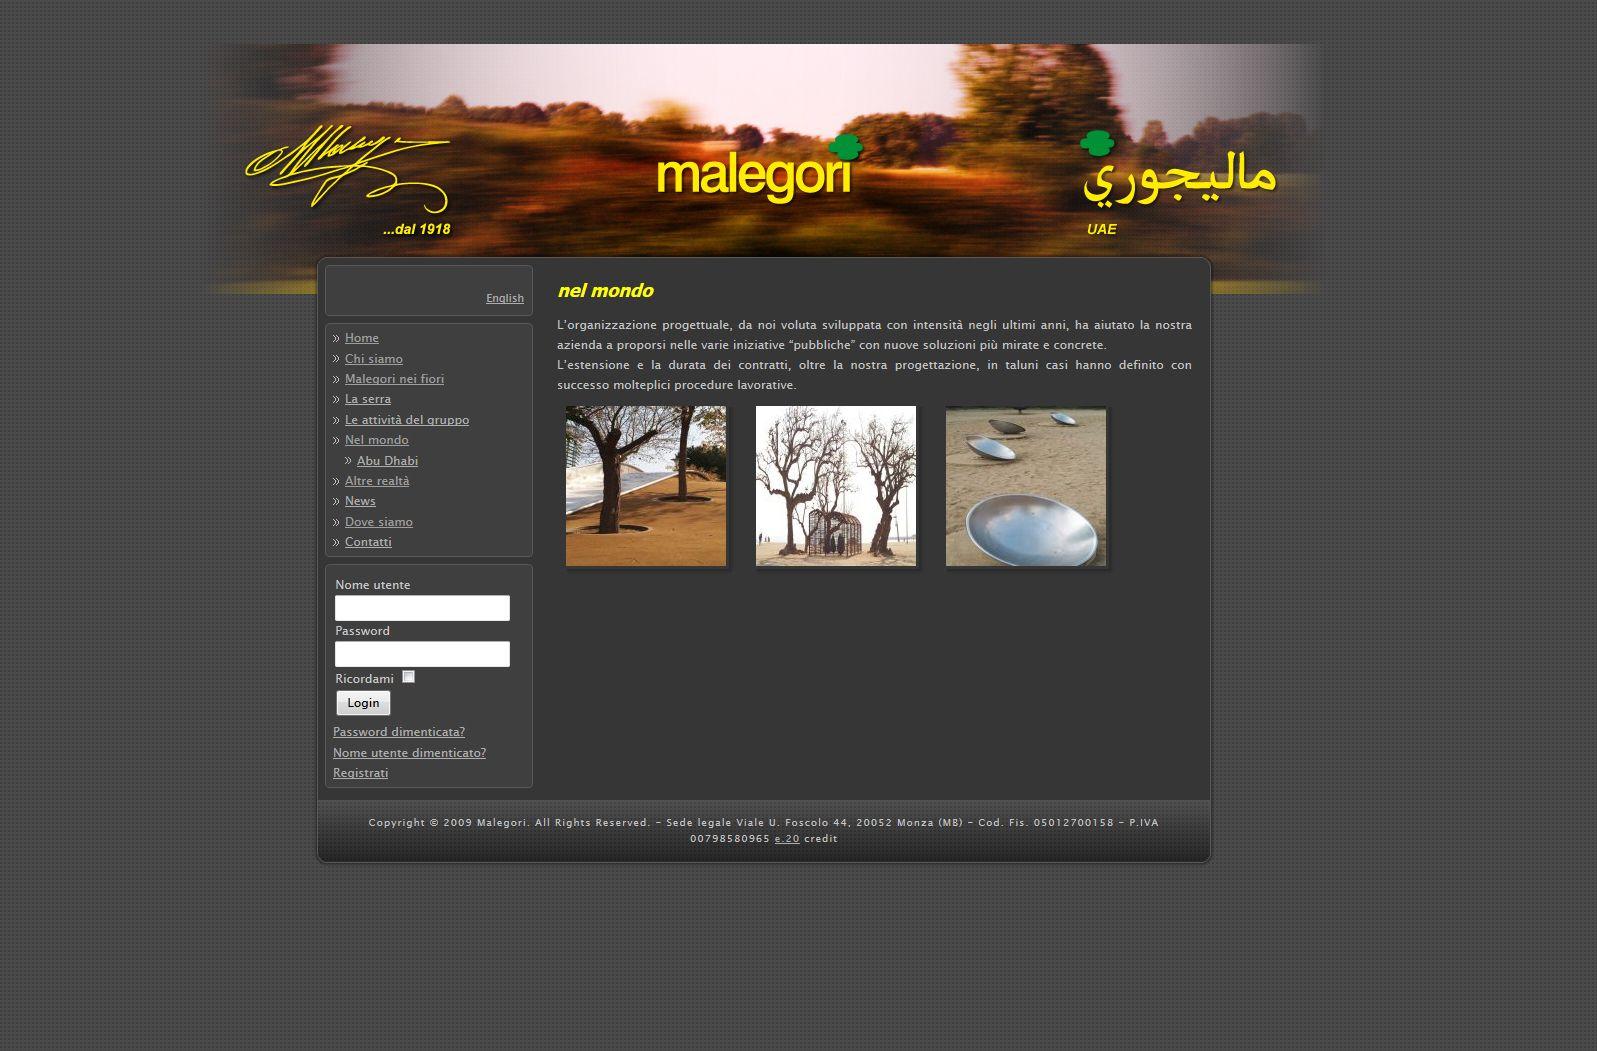 www.malegori.com